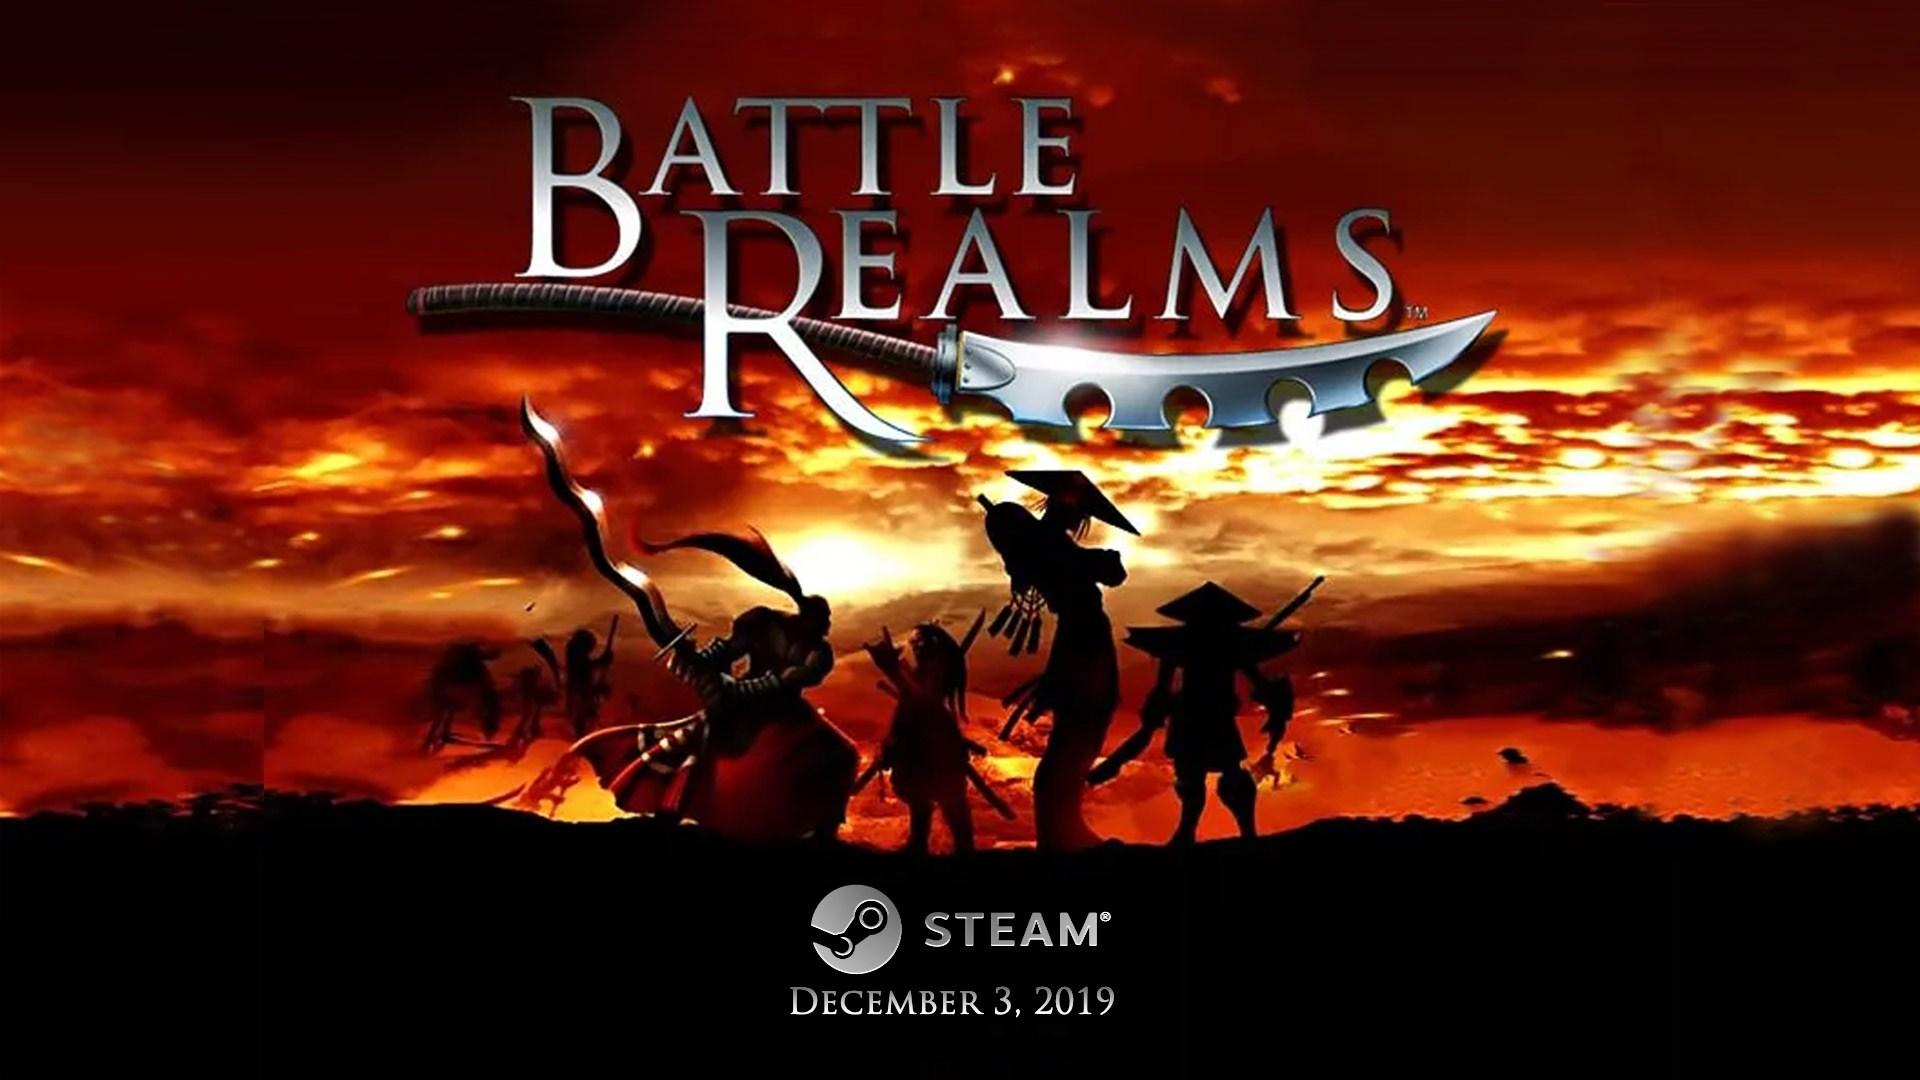 ⚔️สาวก Battle Realms พร้อม  ตี 3 คืนนี้ ราคา $9.99 เท่านั้น !!